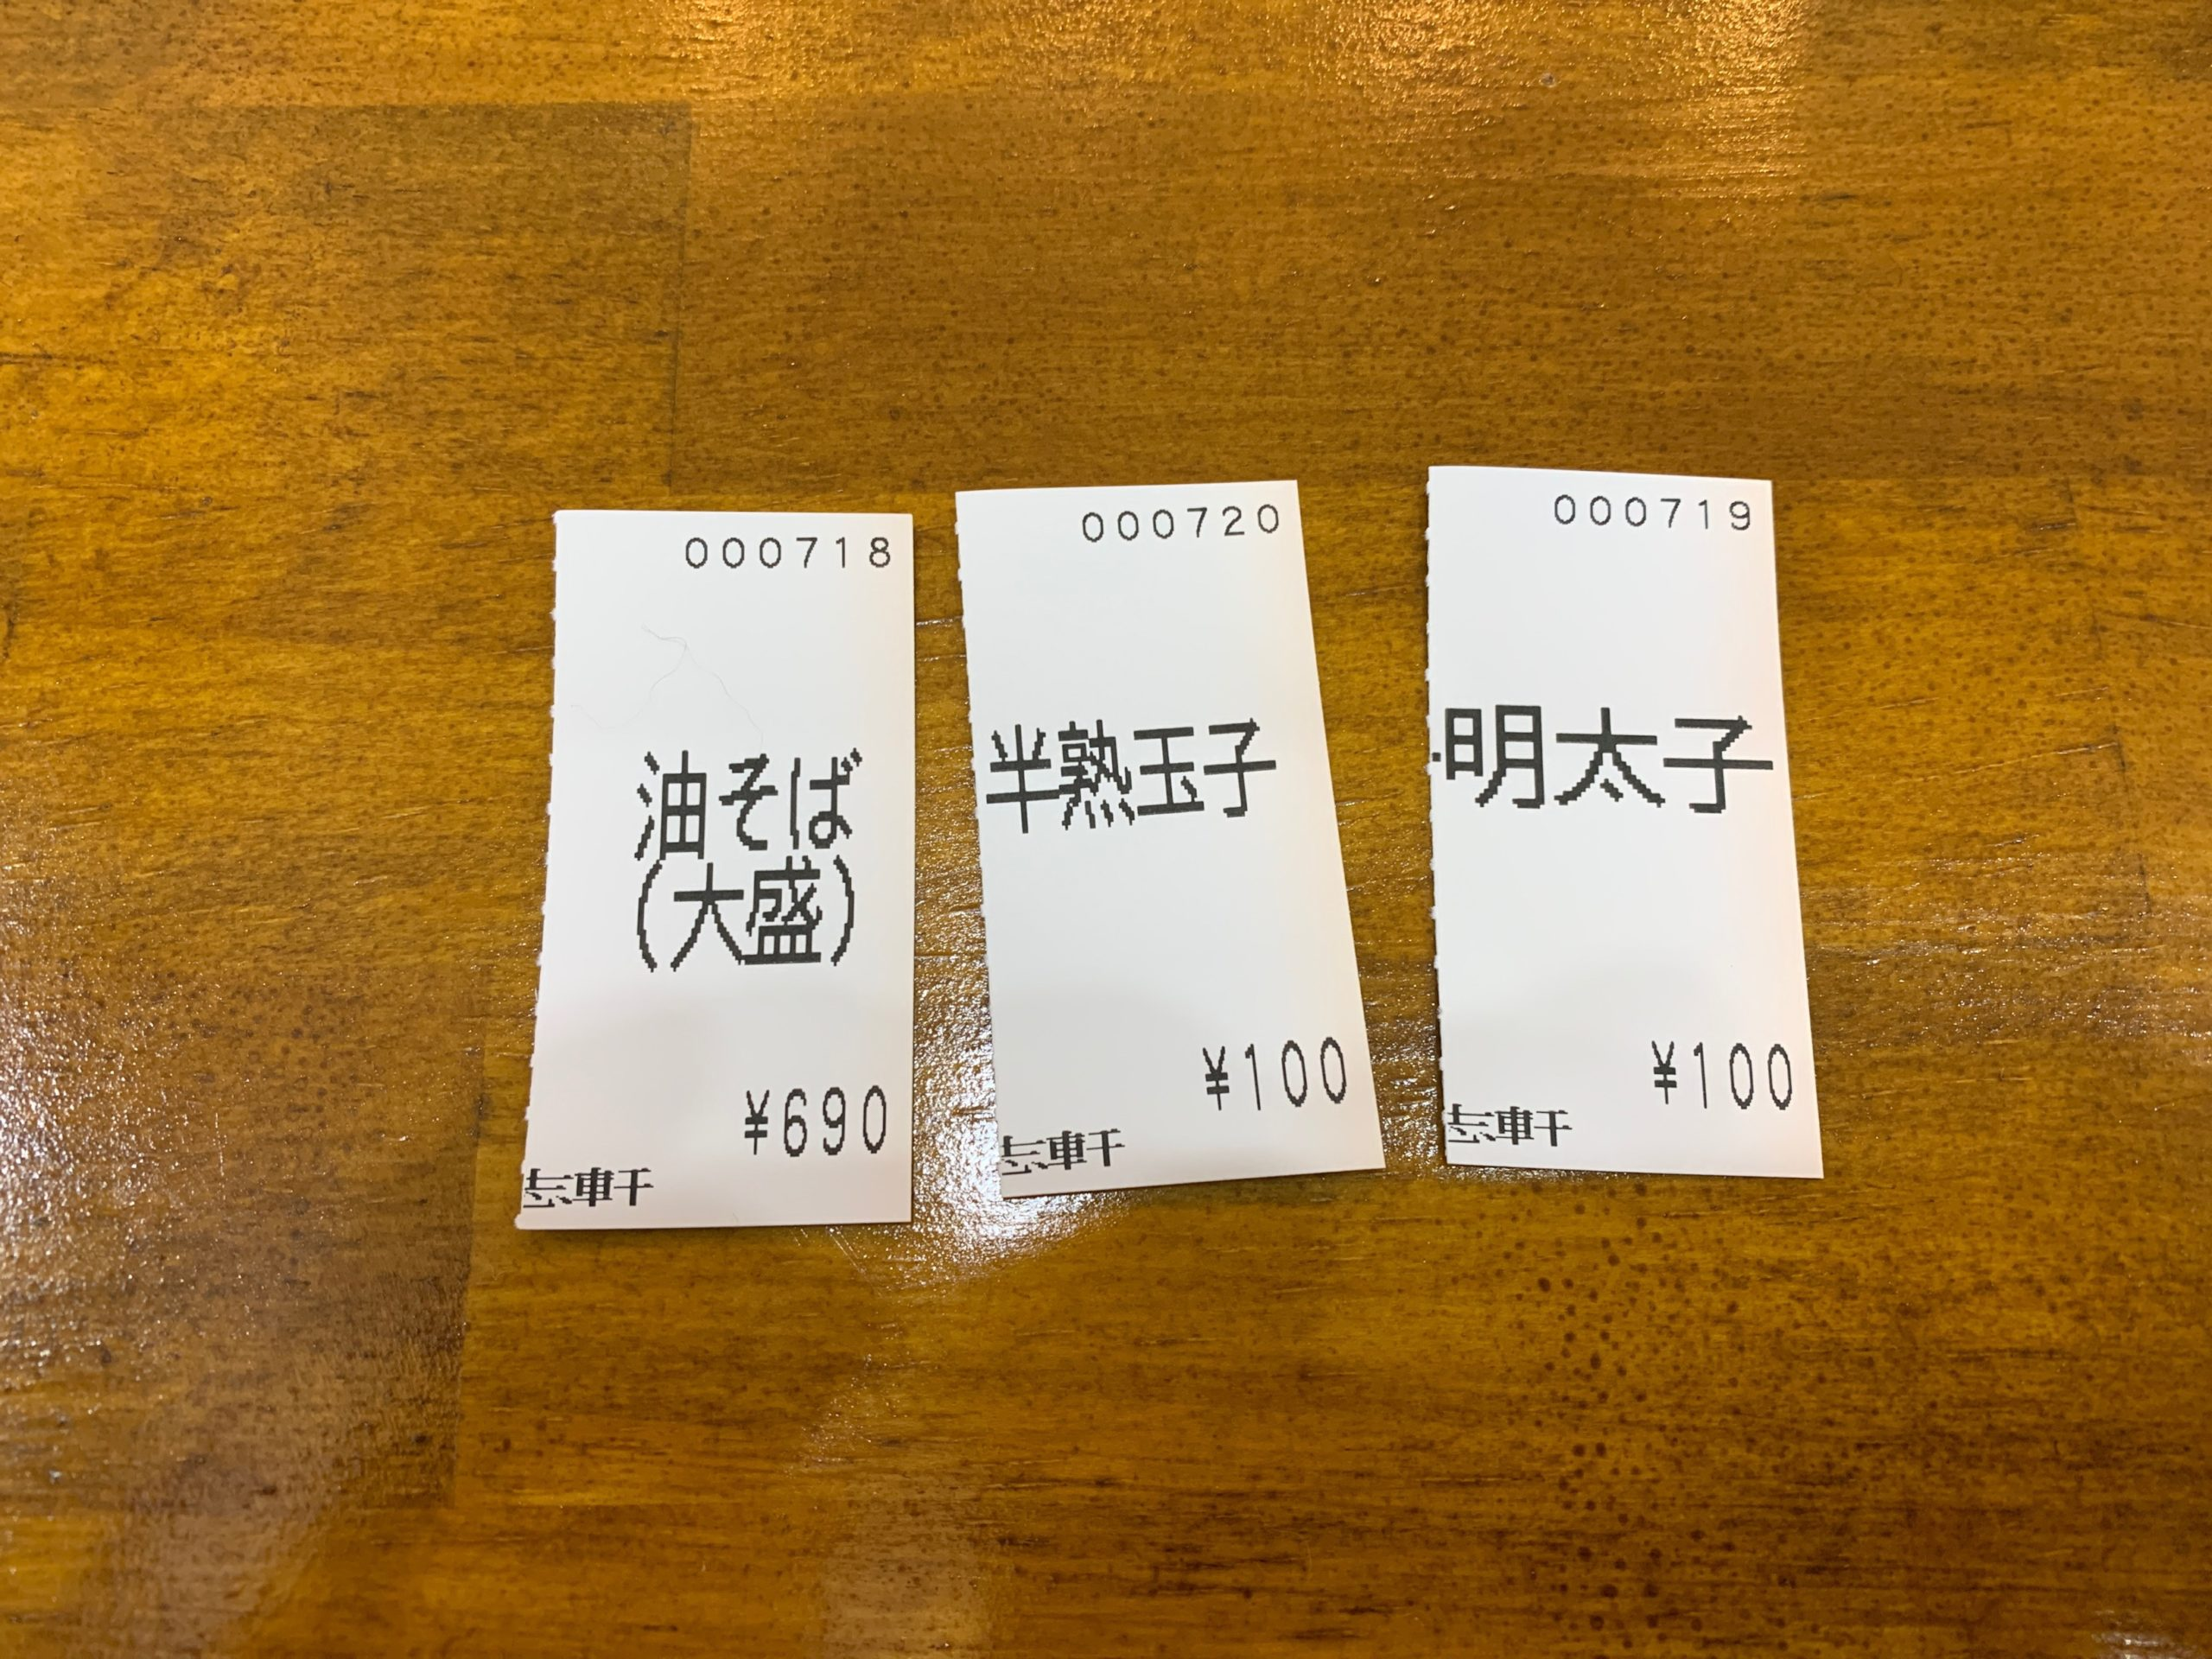 歌志軒大名店の食券